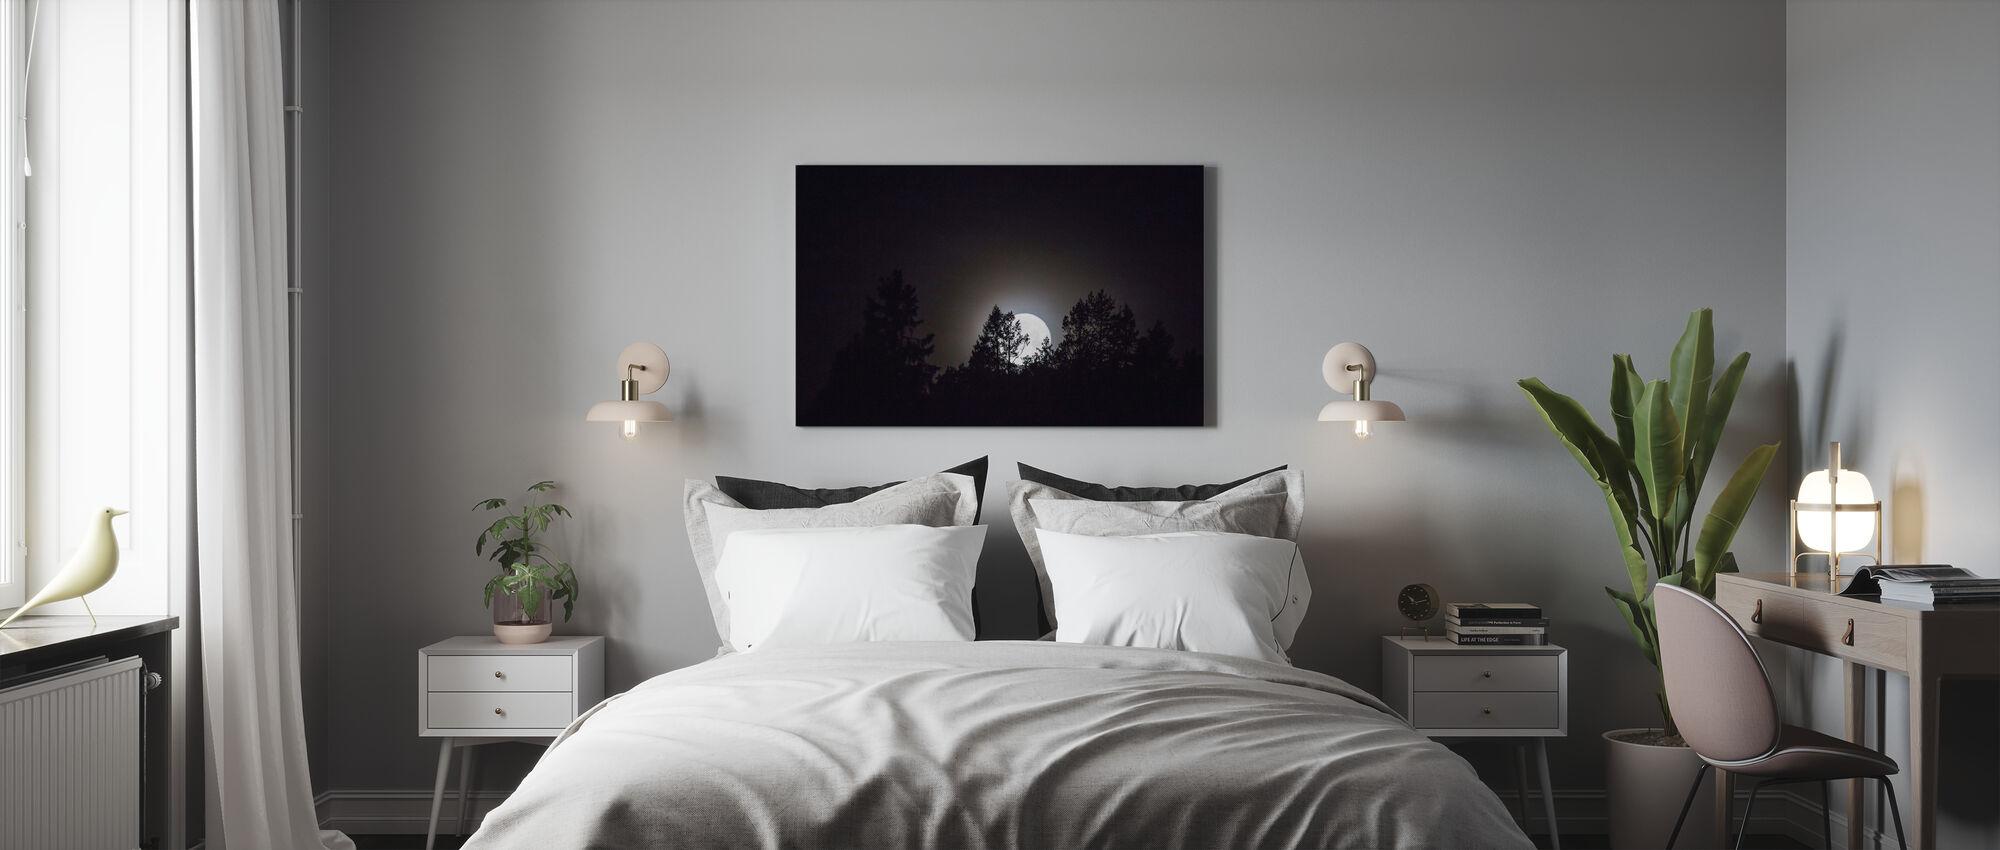 Månsken över Medelpad, Sverige, Europa - Canvastavla - Sovrum